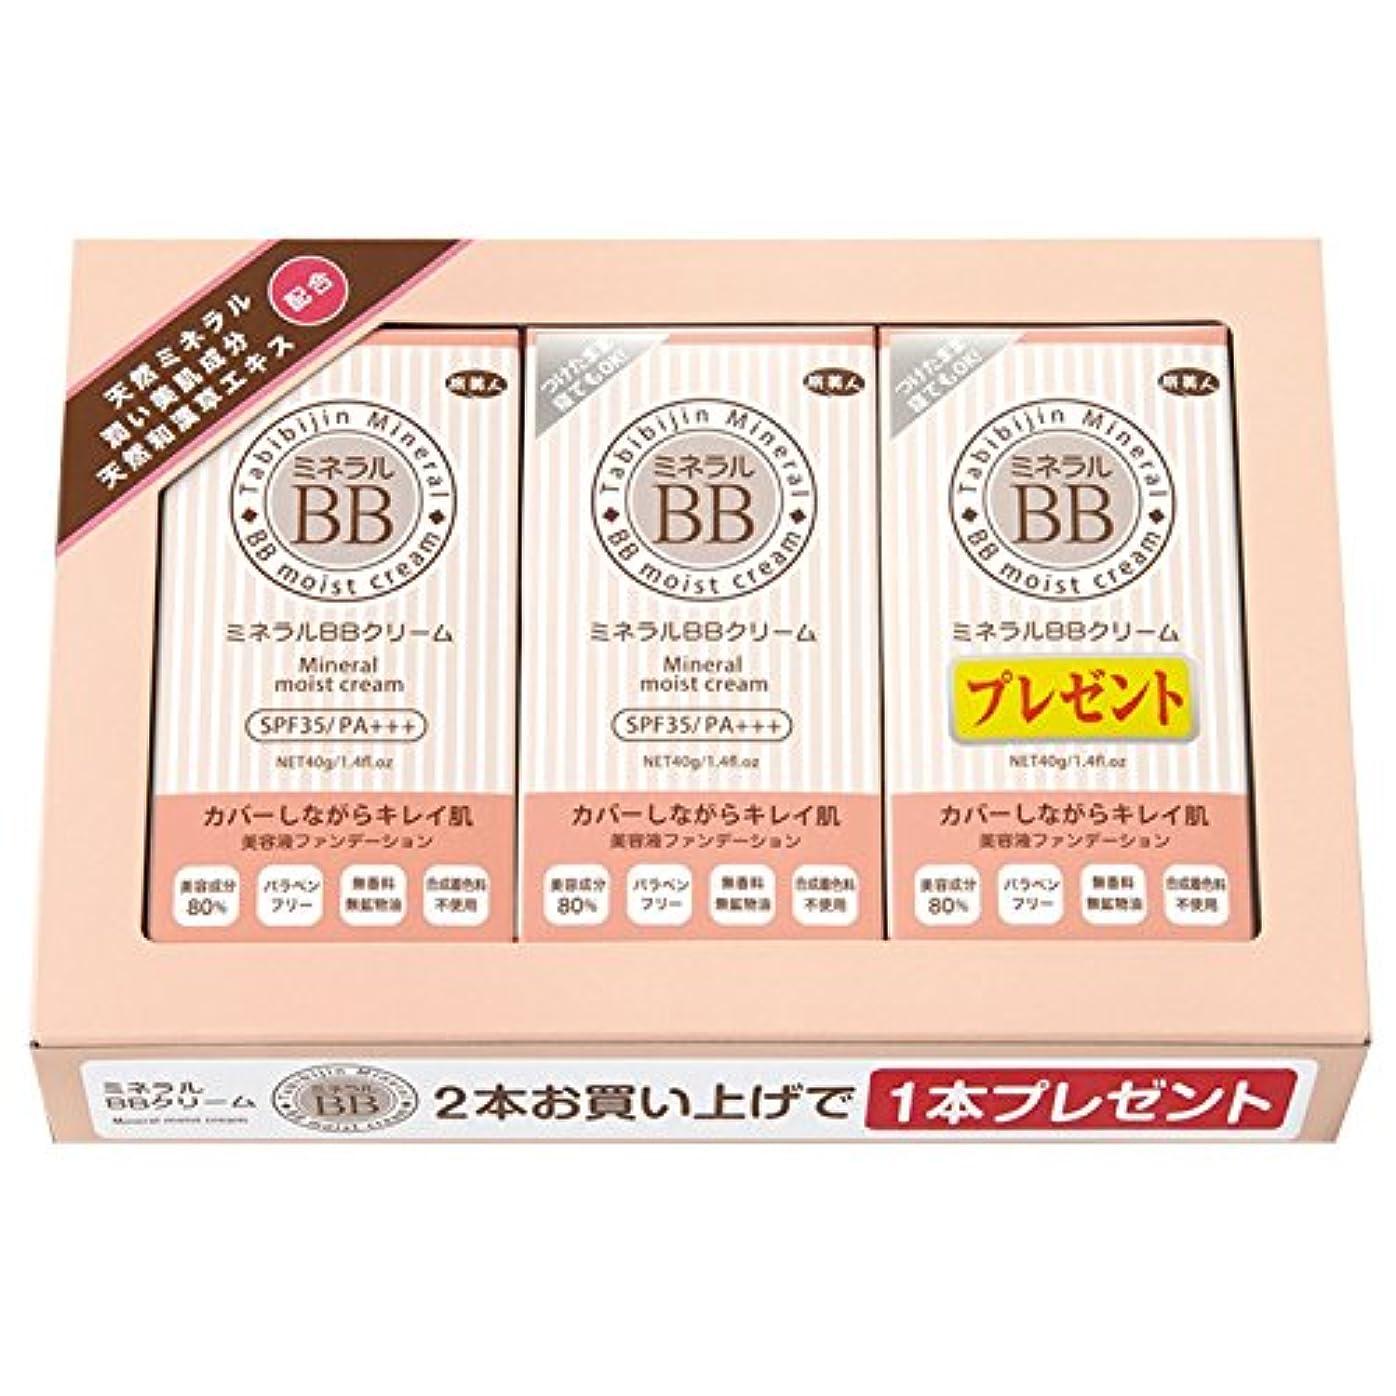 レンダリング法律ジョージバーナードアズマ商事の ミネラルBBクリーム お得な 2本のお値段で3本入りセット